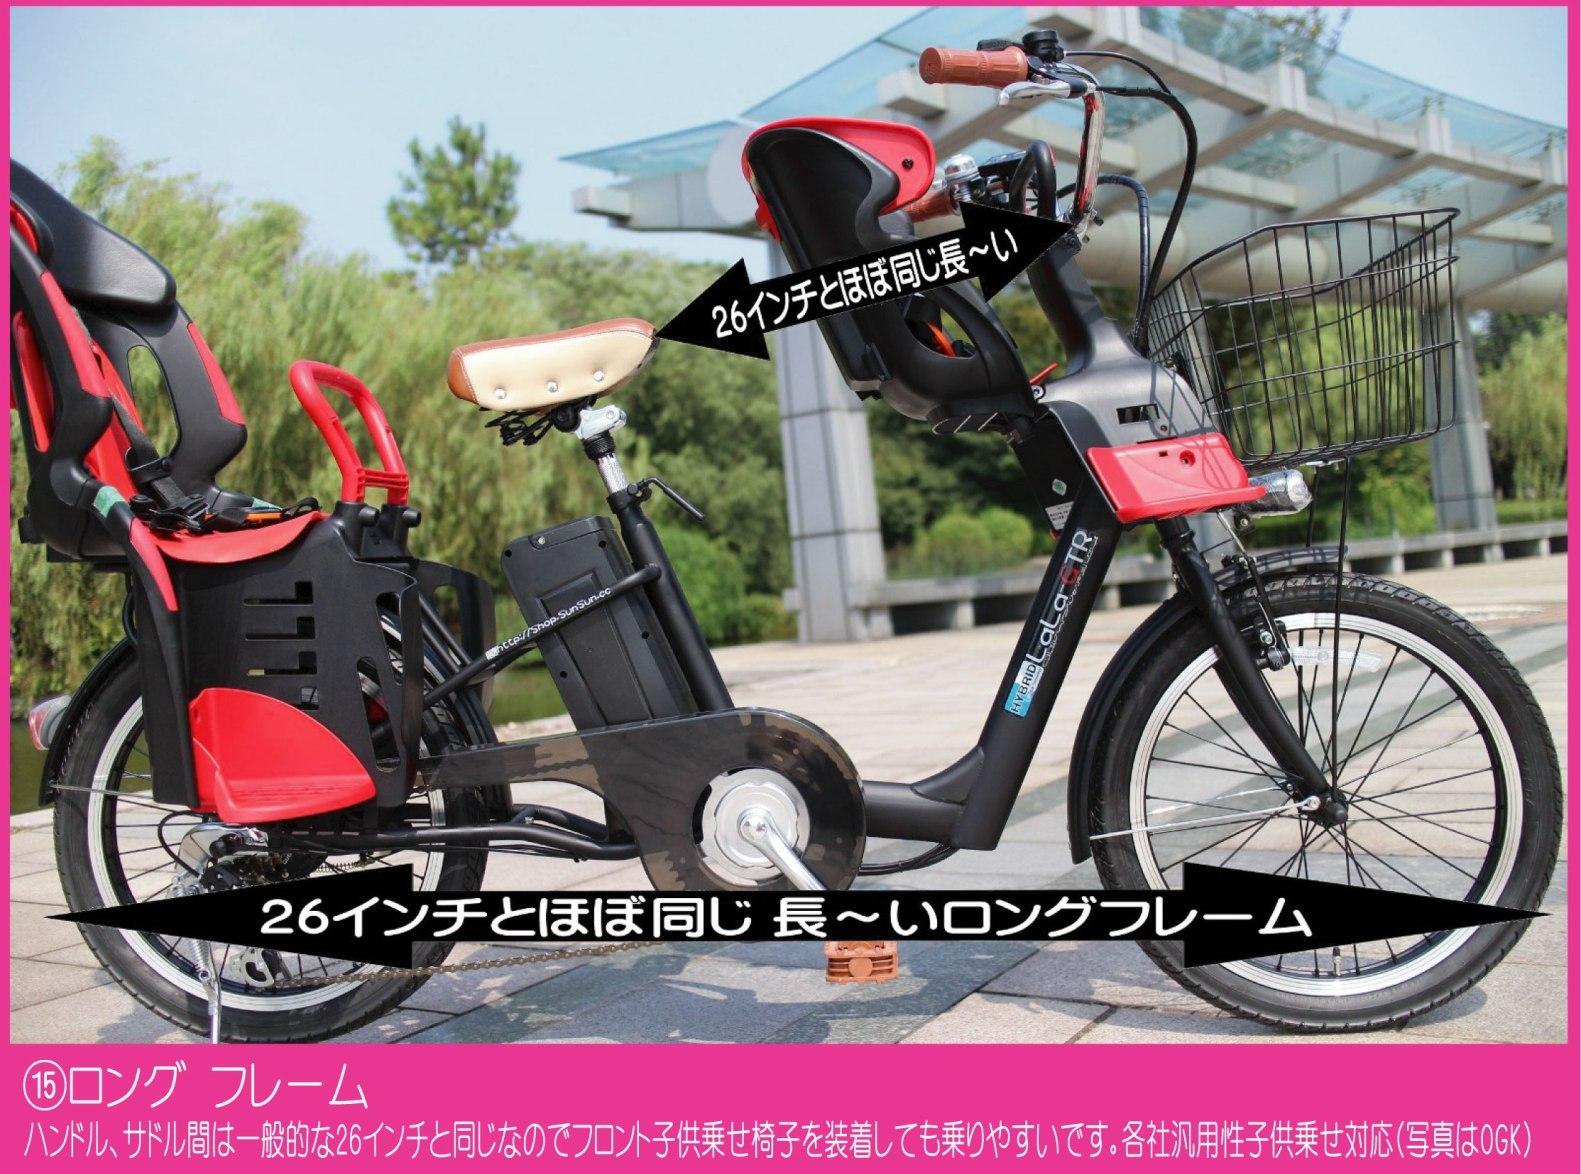 電動自転車 ハイブリッド フル電動自転車 gtr : 楽天市場】MS-GTR-14(MB)日本語 ...